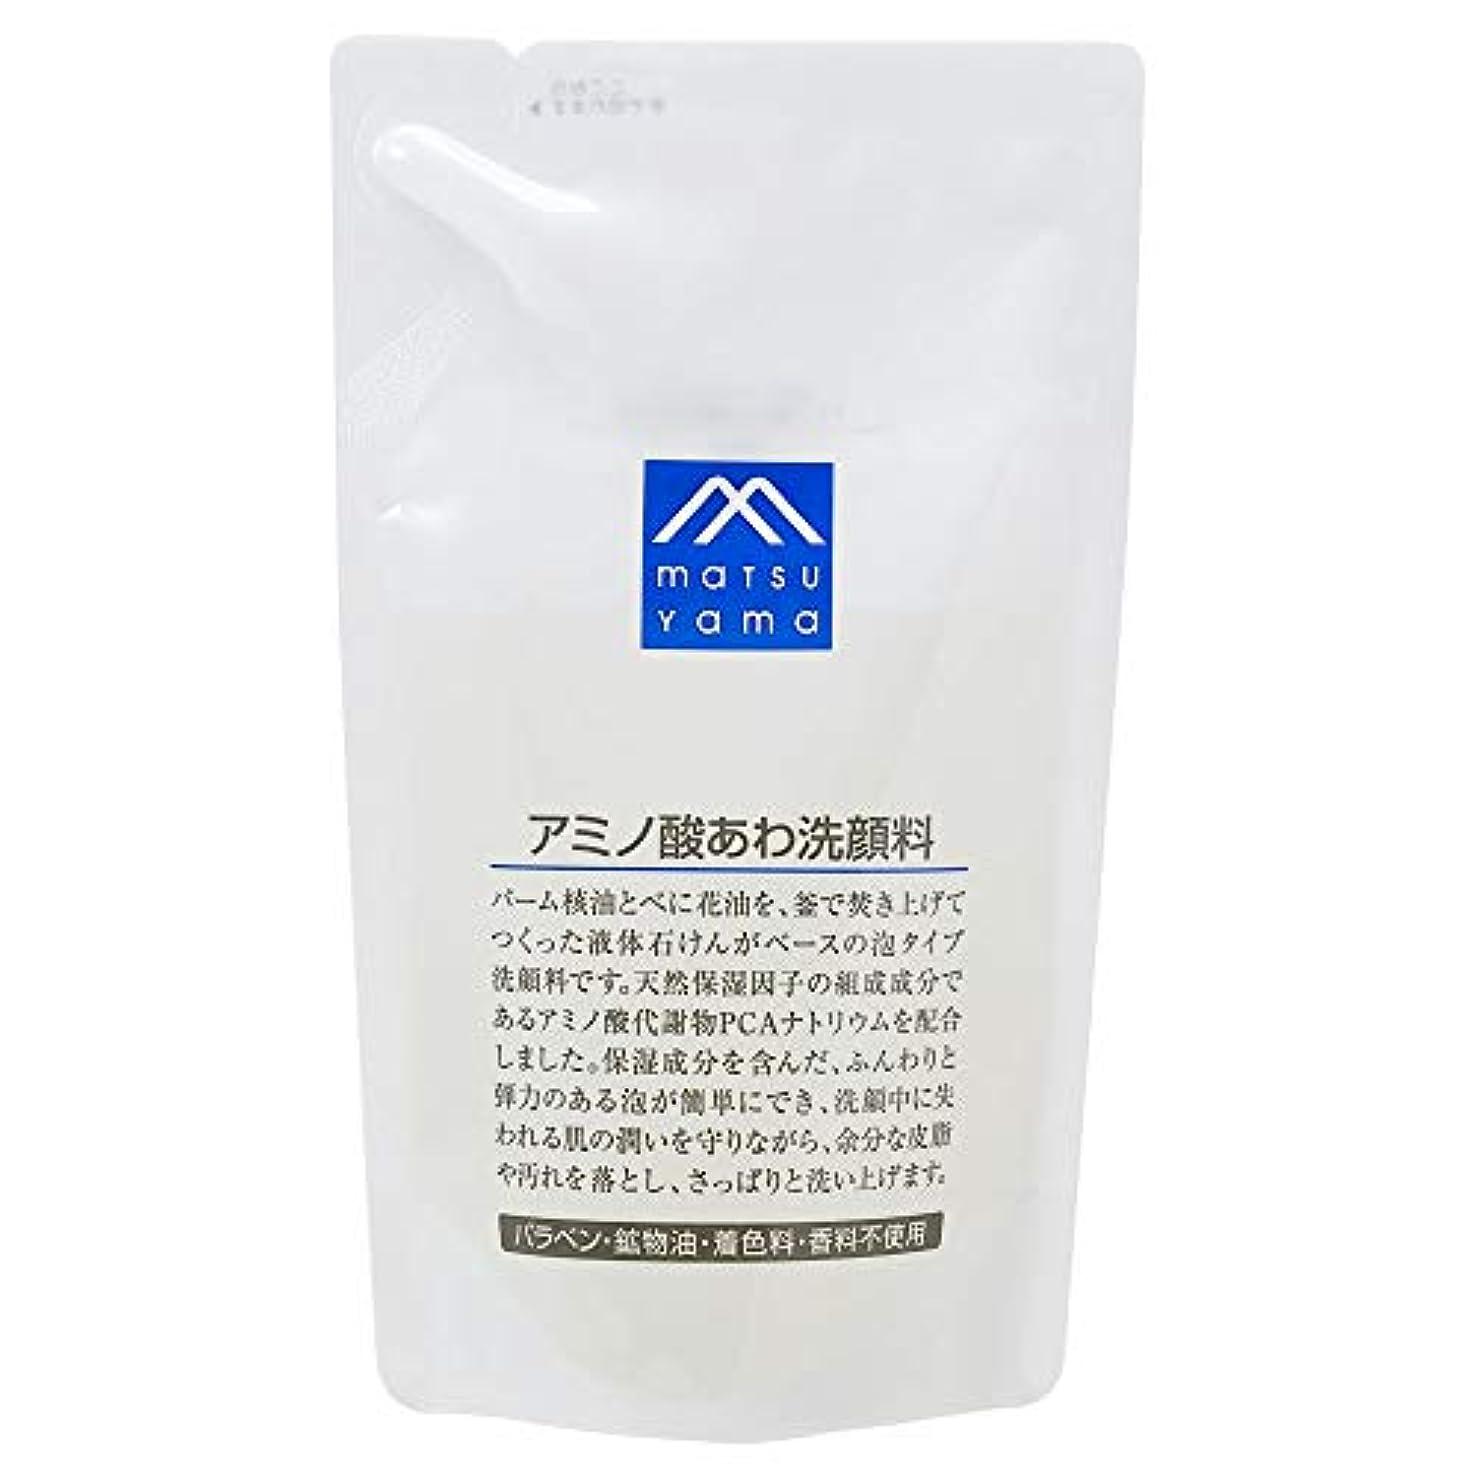 花下品貯水池Mマーク(M-mark) アミノ酸あわ洗顔料 詰替用 120mL